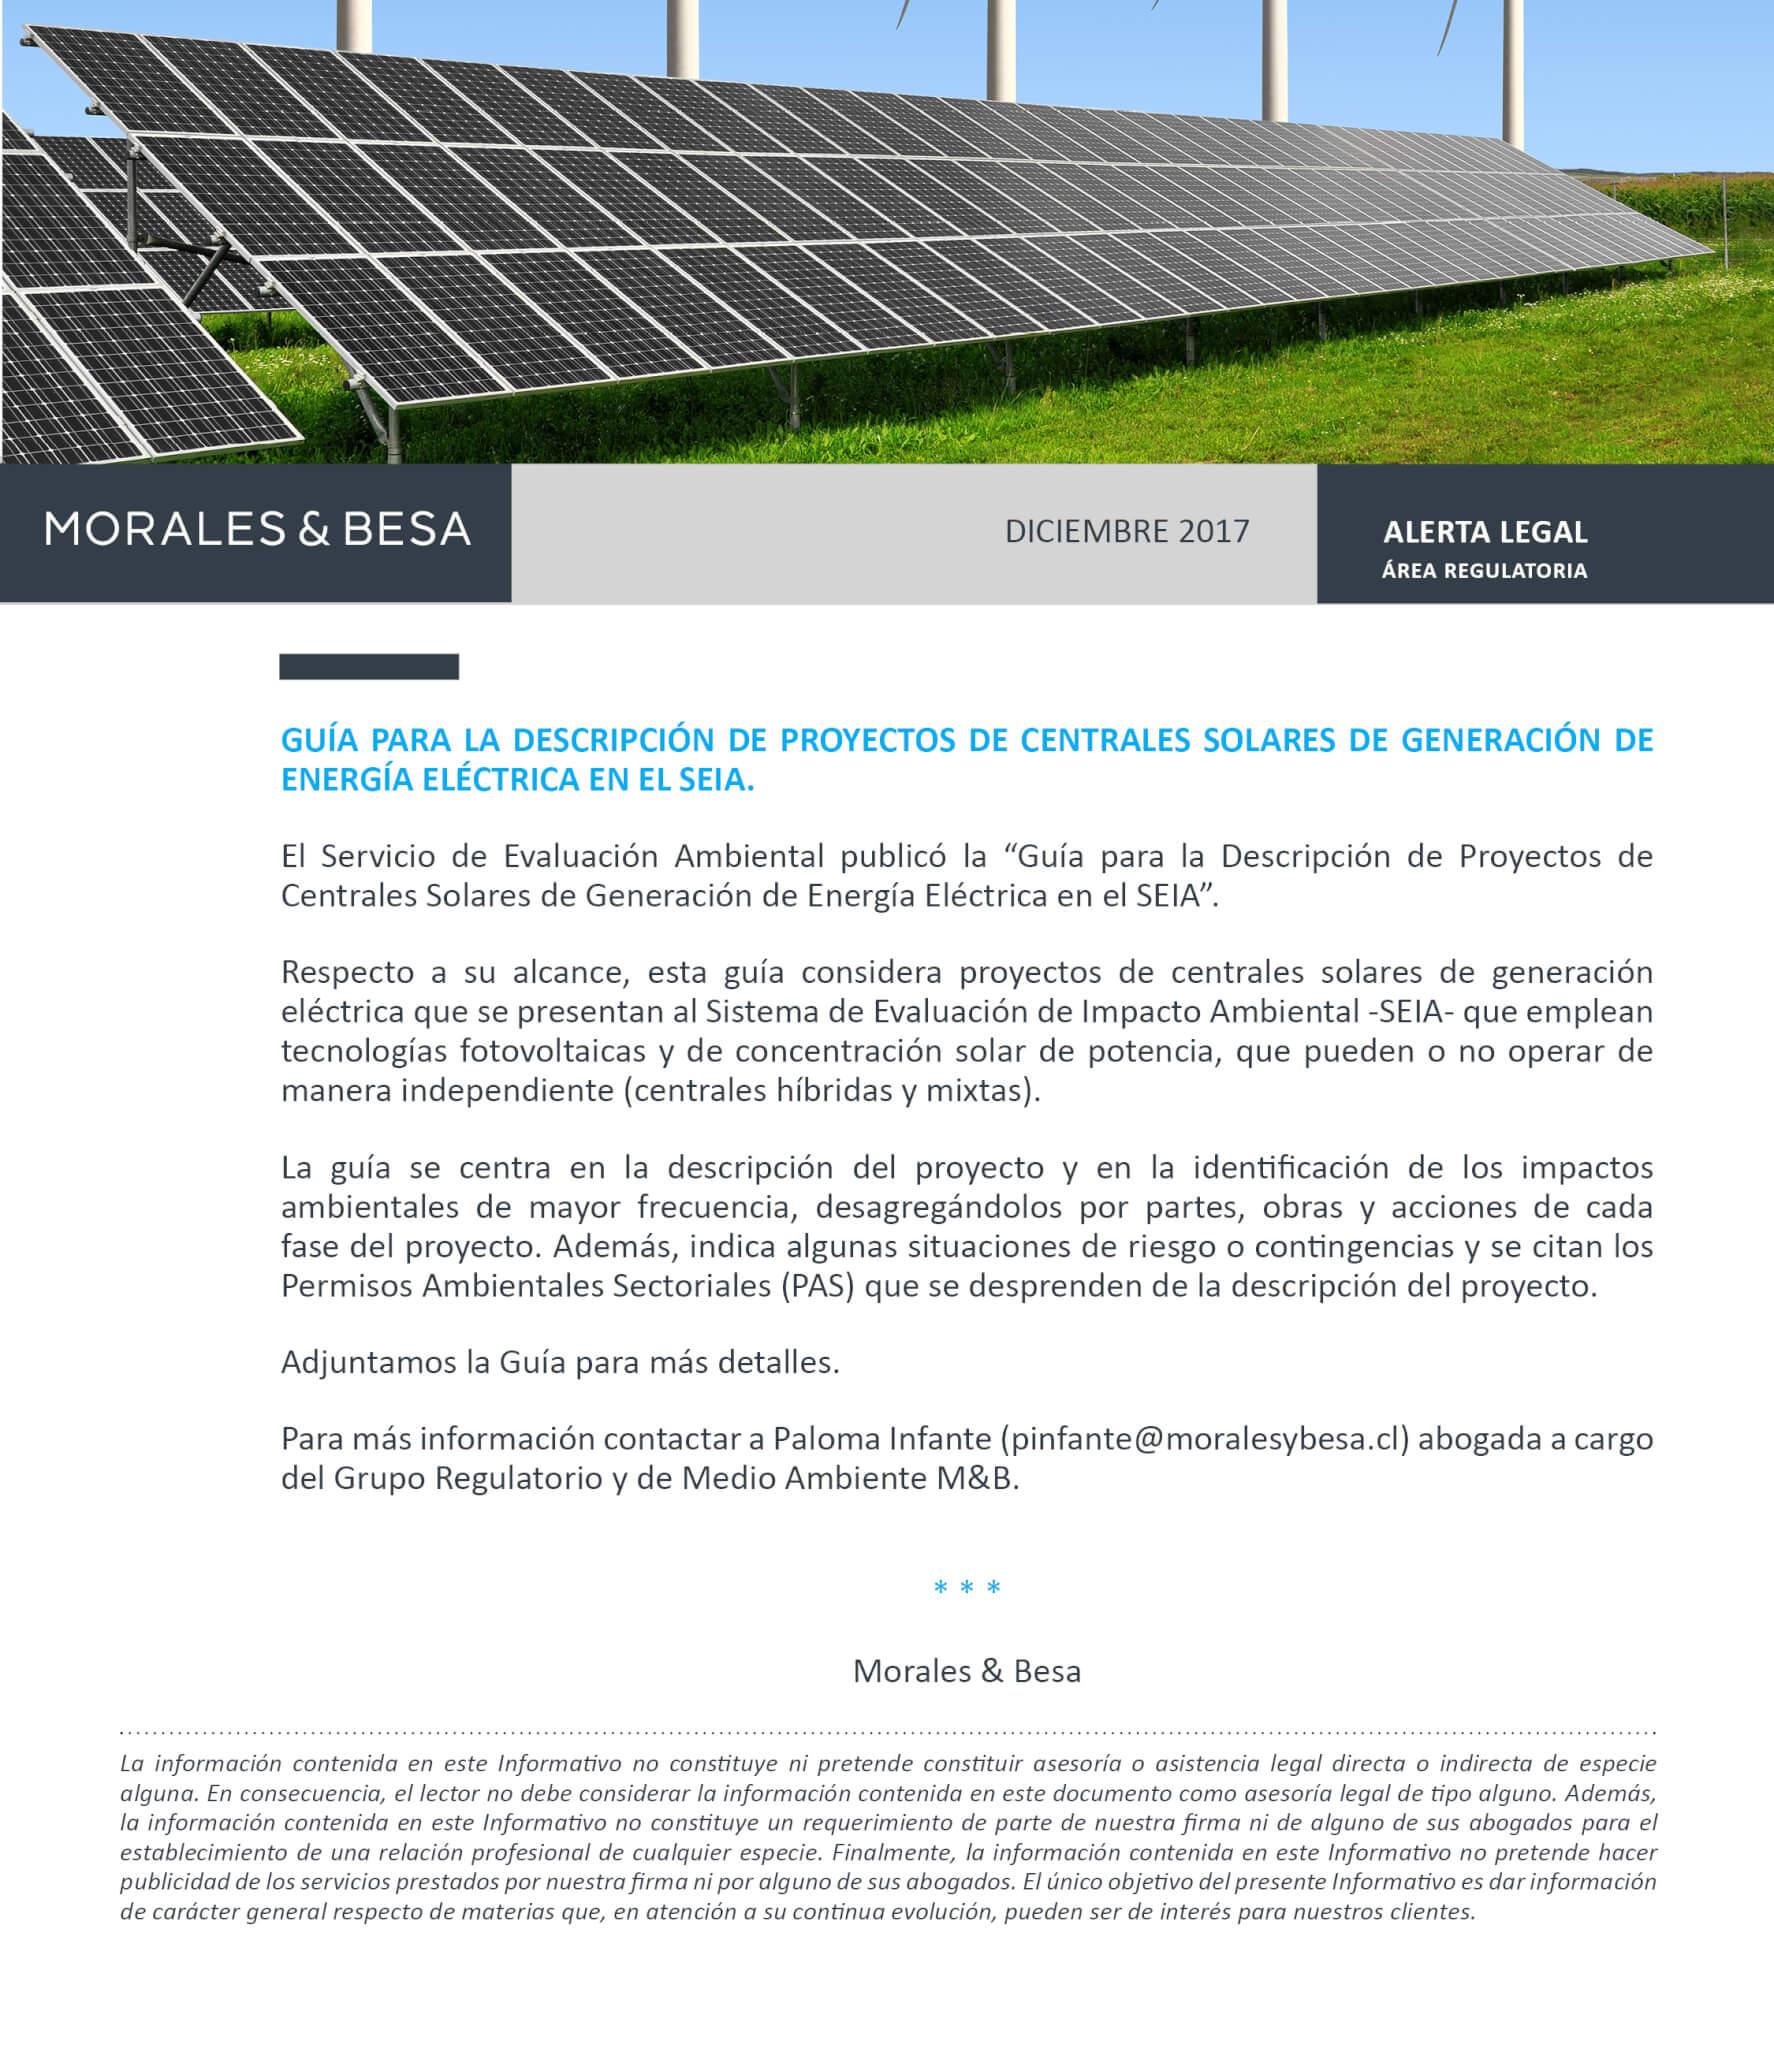 Morales & Besa_Alerta Legal_Regulatoria_Guía SEIA_Diciembre 2017